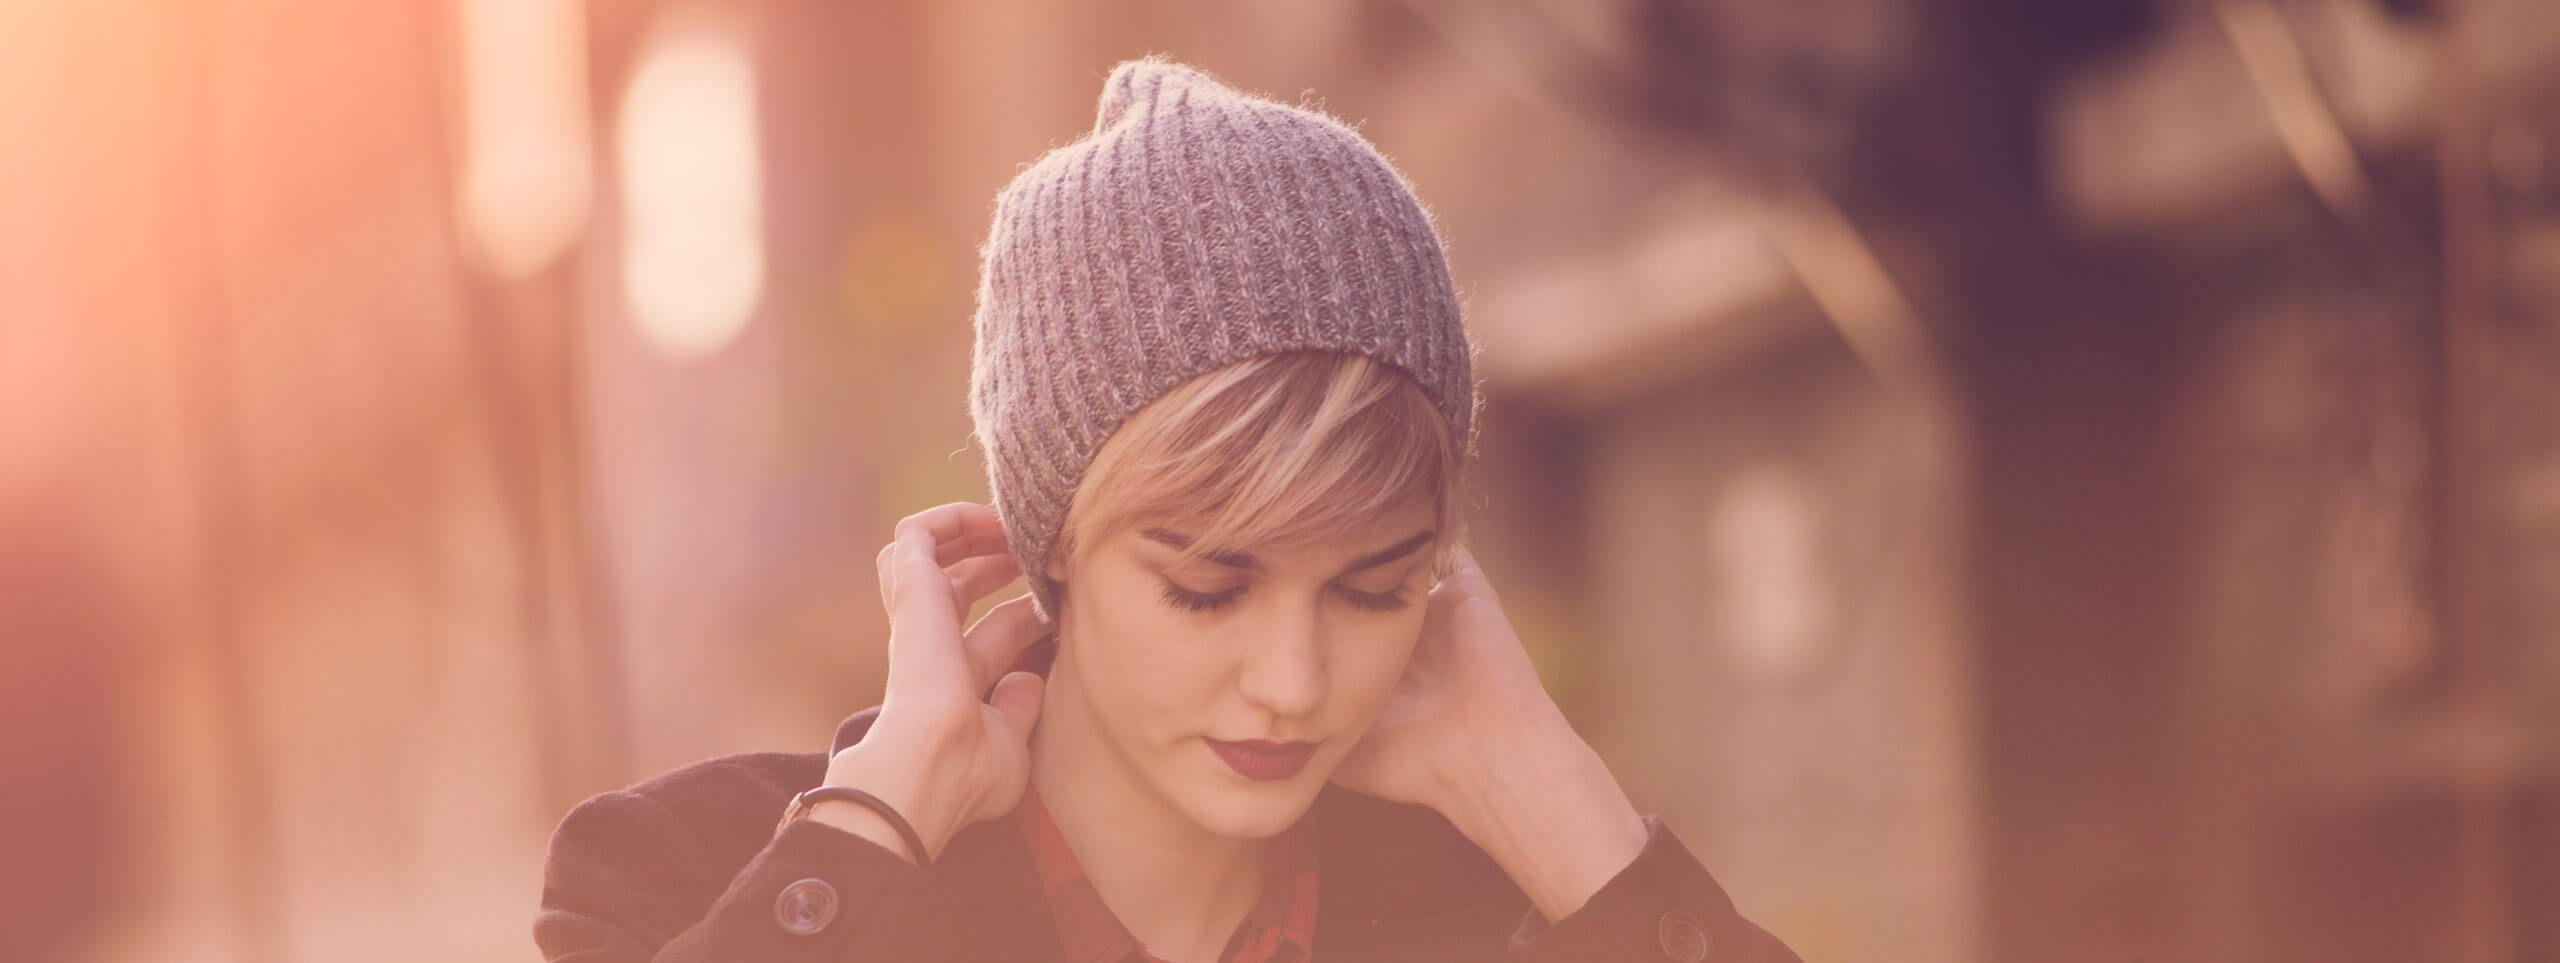 Cappello color lavanda su modella con capelli biondi